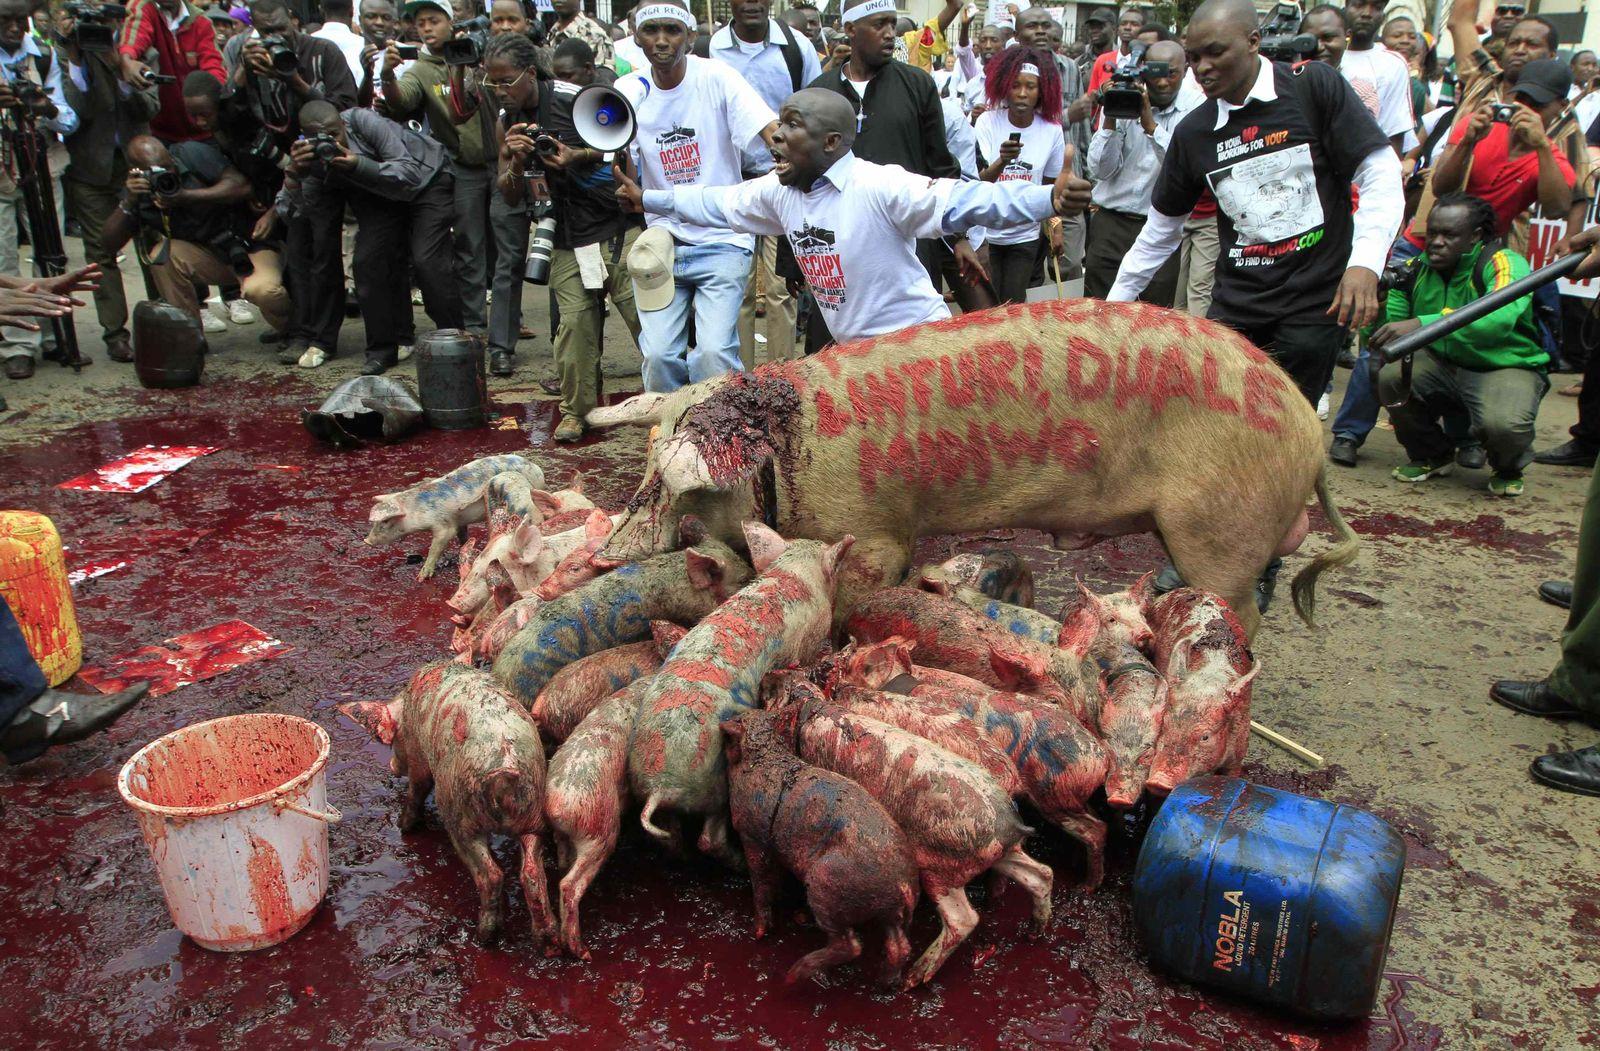 Kenia/ Diätenerhöhung/ Protest/ Schweine